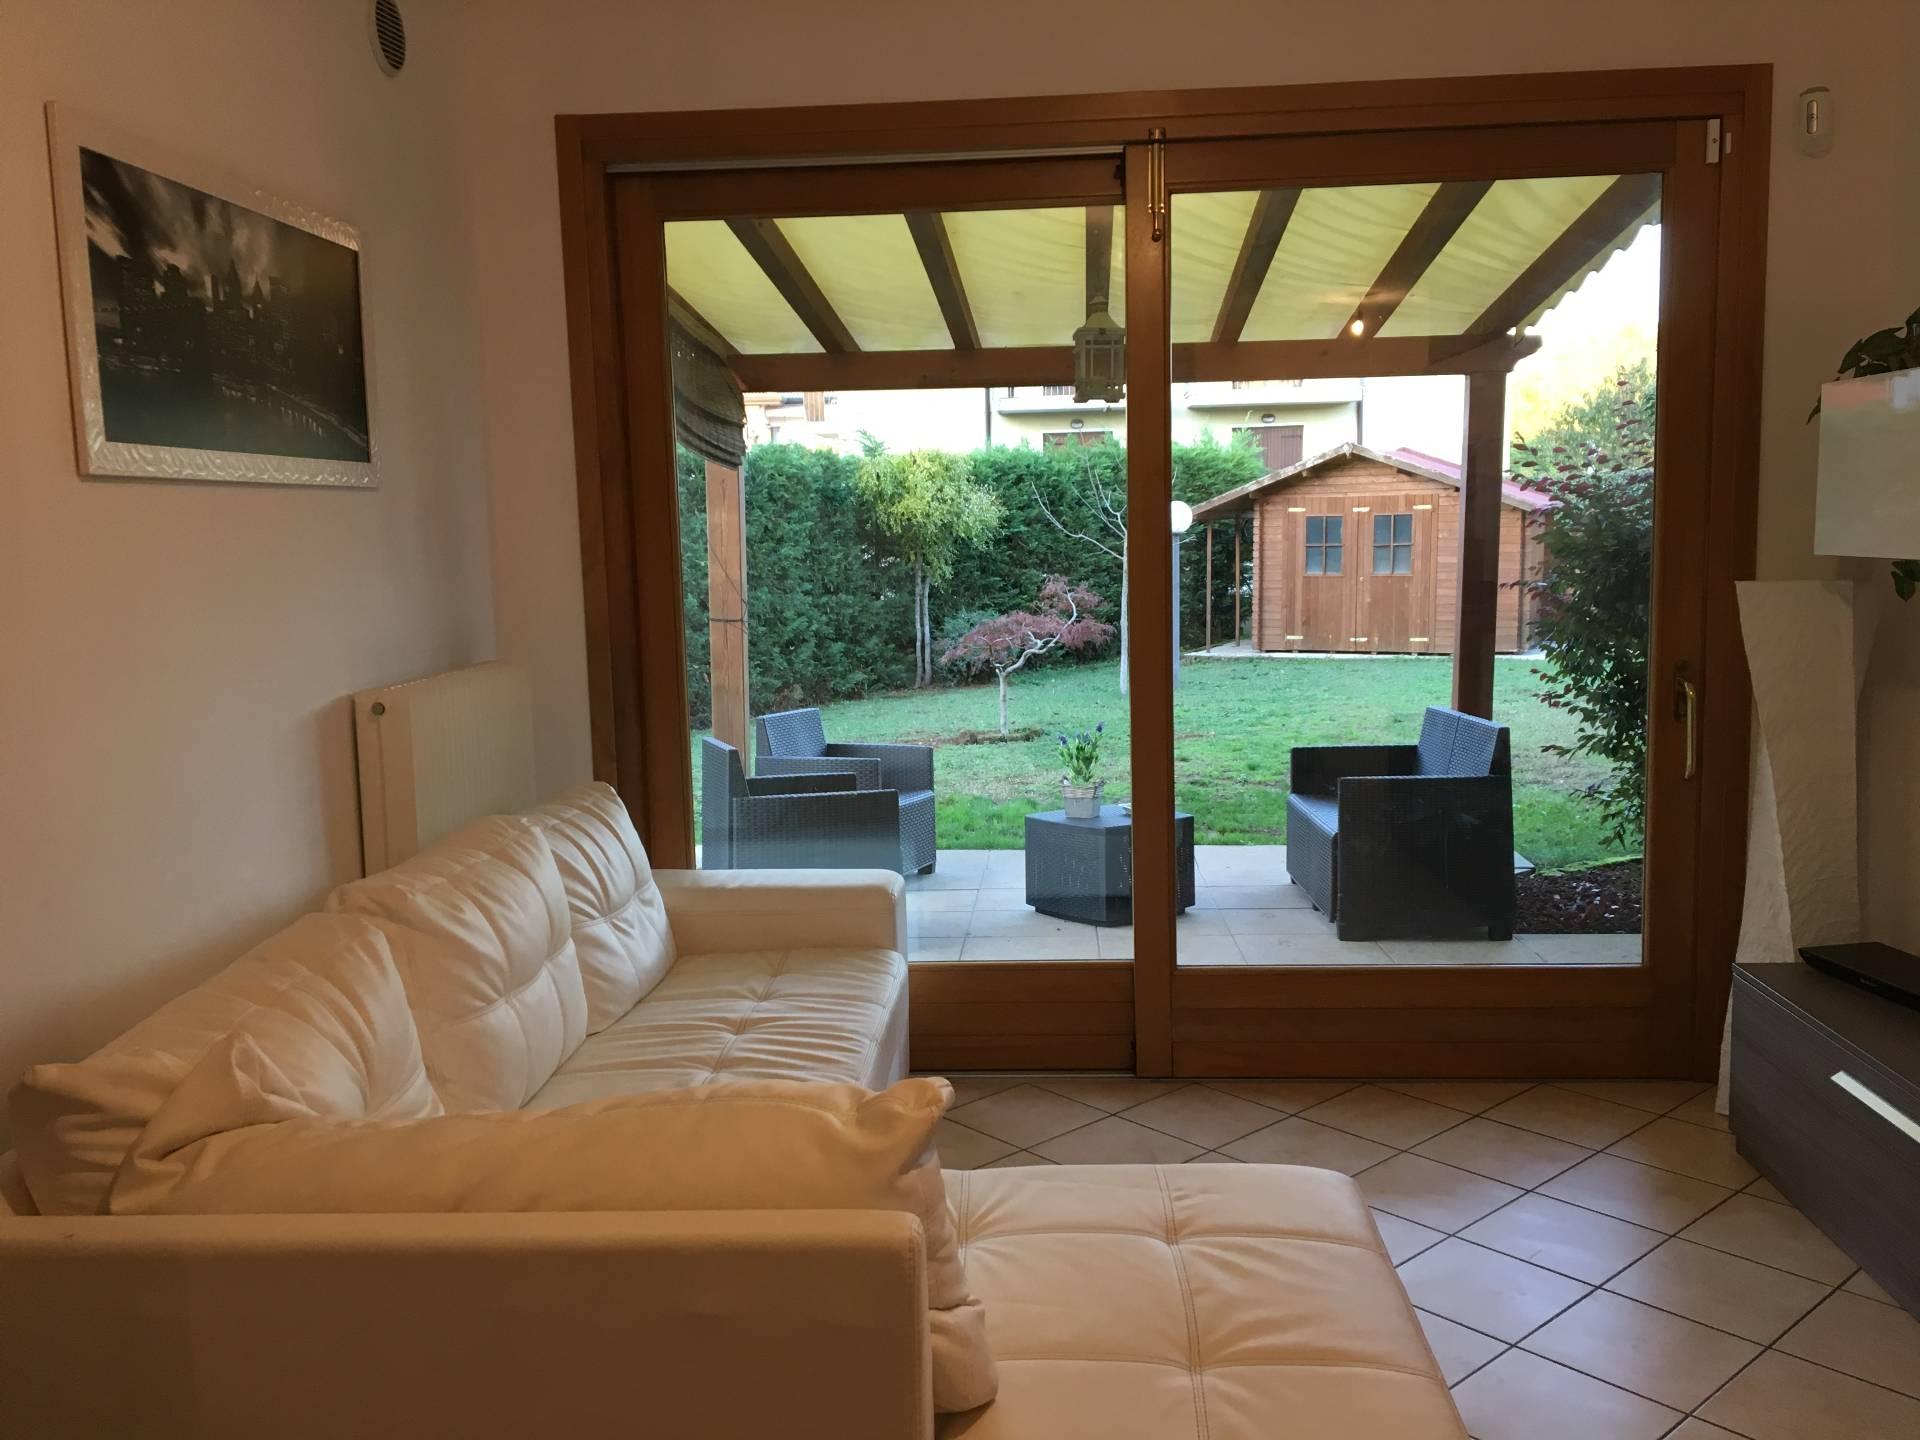 Appartamento in vendita a Villorba, 5 locali, zona Zona: Catena, prezzo € 133.000 | Cambio Casa.it